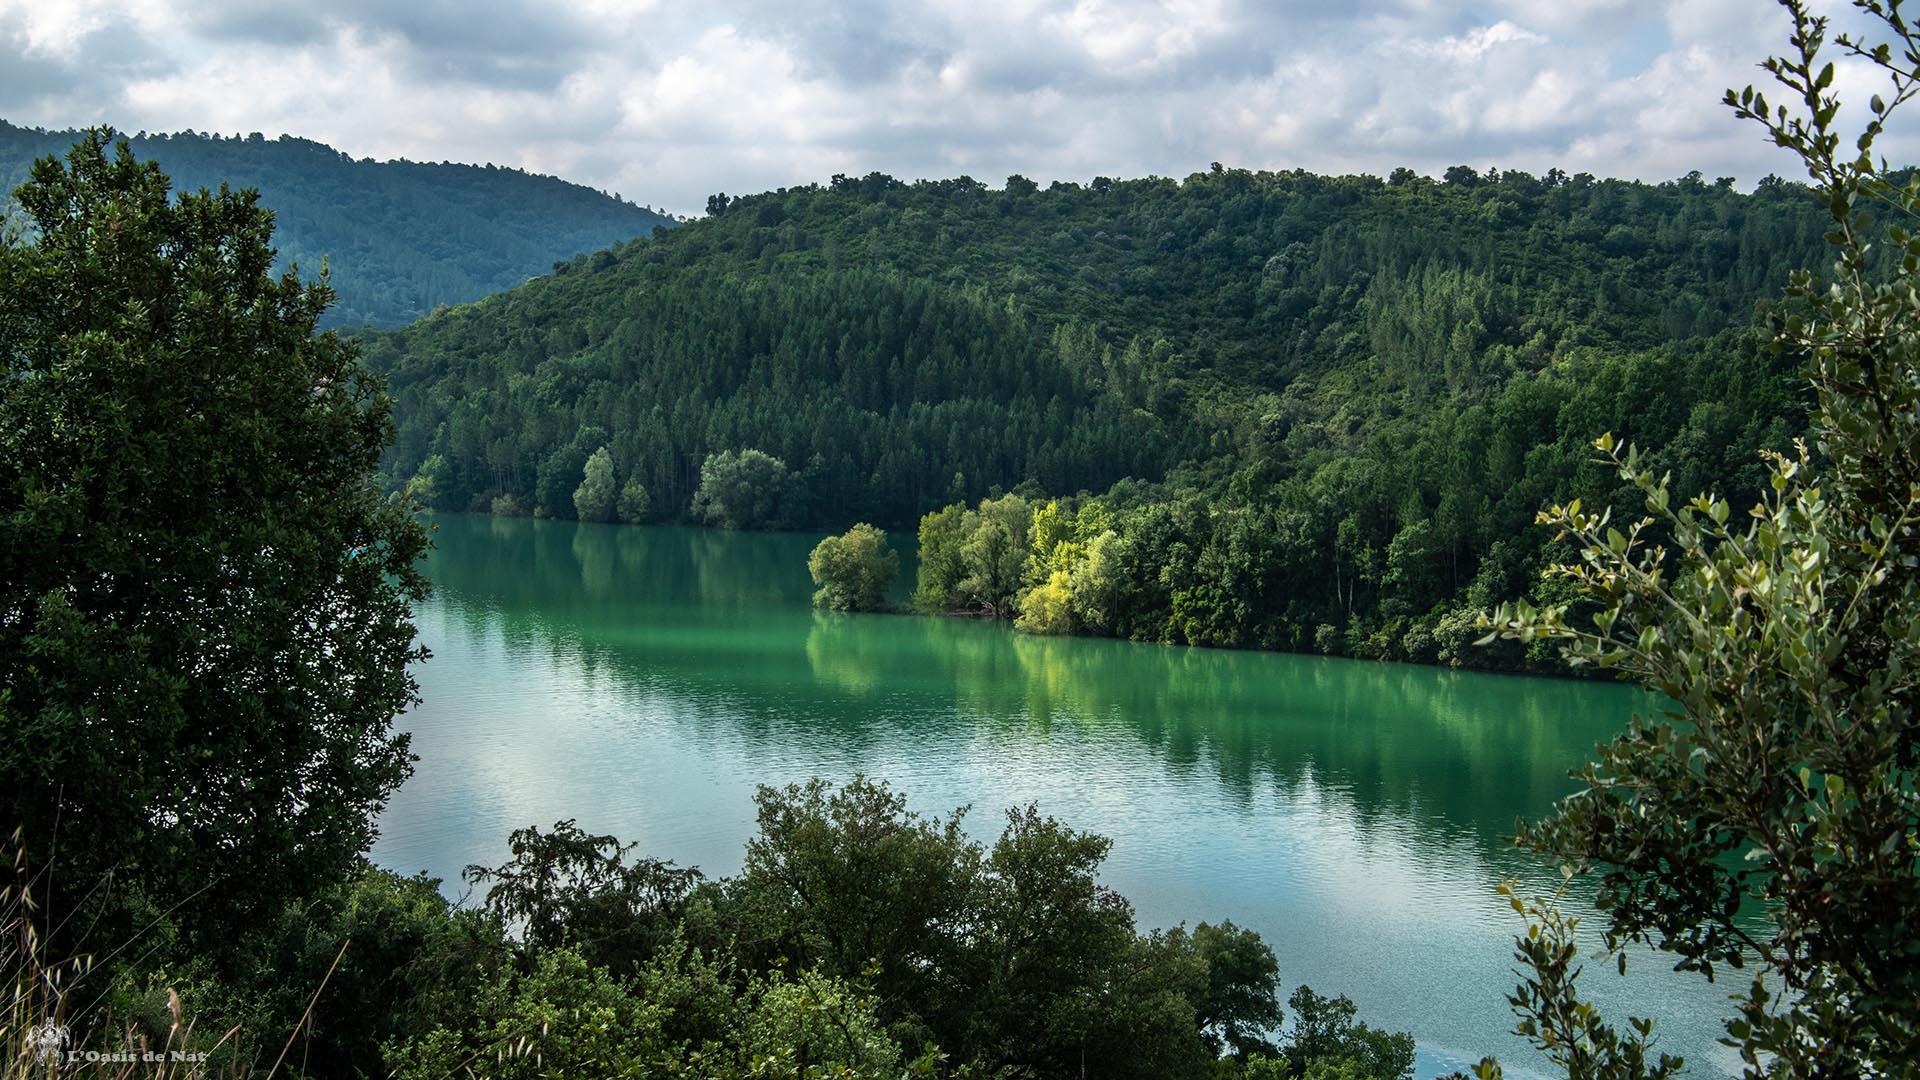 Lac de Saint Cassien_Region Paca_France-l'oasis de nat